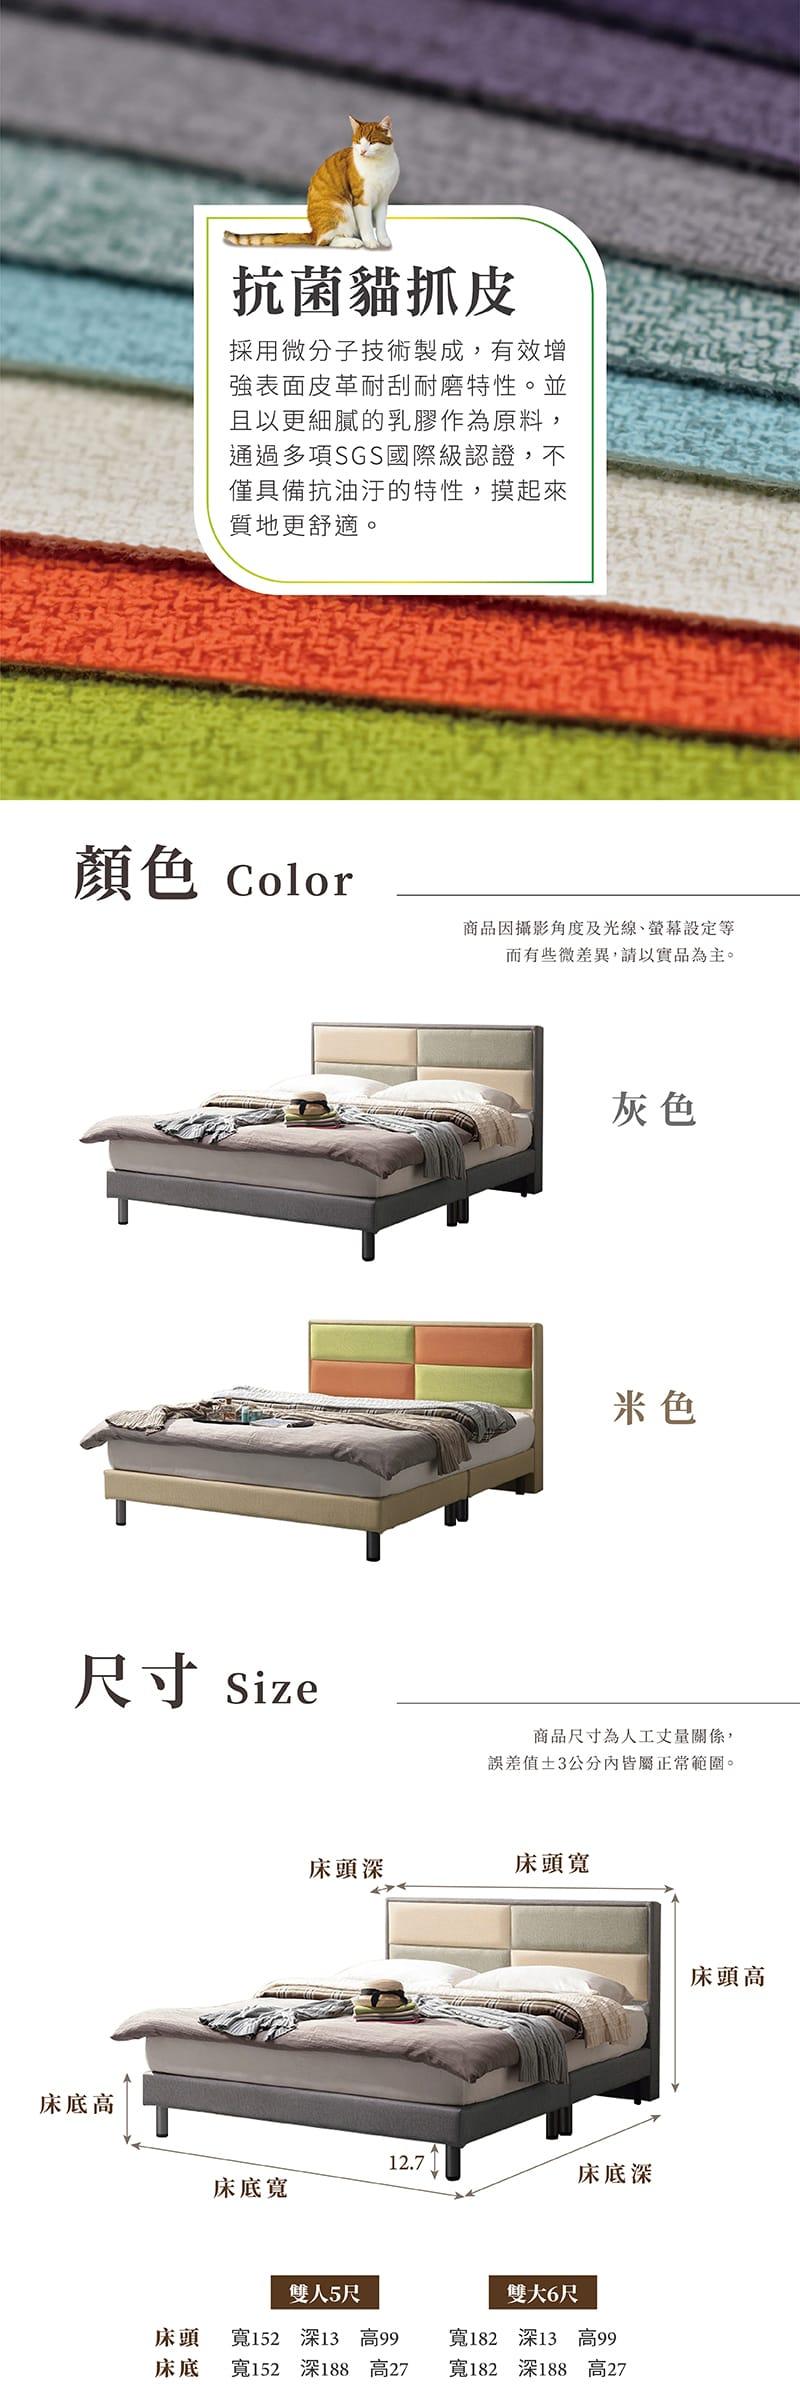 亞特 貓抓皮床組兩件 雙人加大6尺(床頭片+床底)